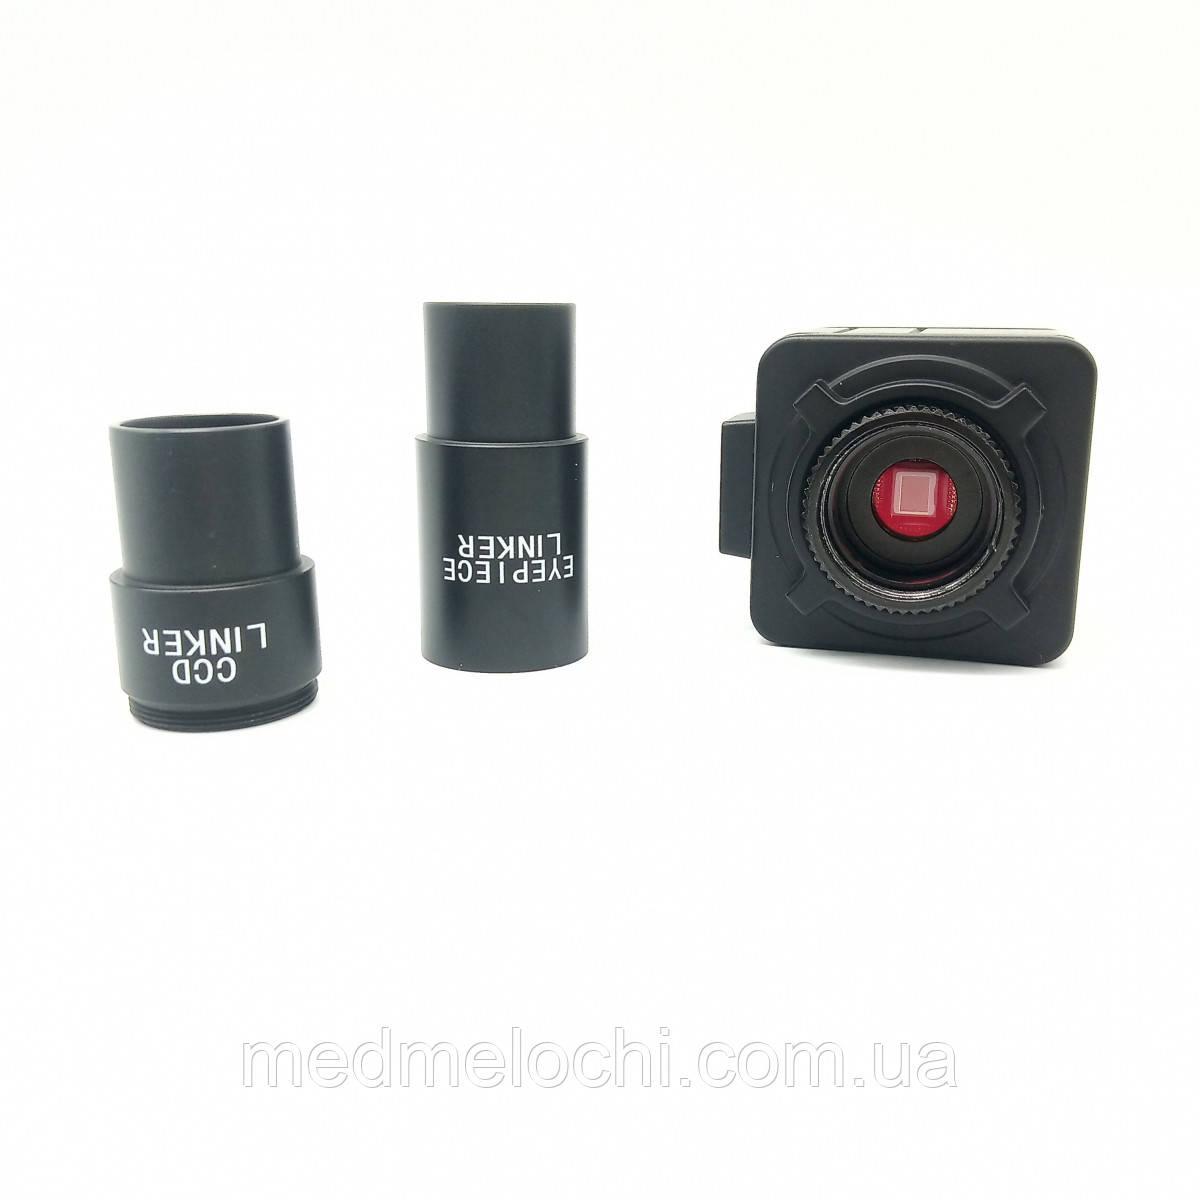 Камера для Мікроскопа CMOS 0.3 mpx